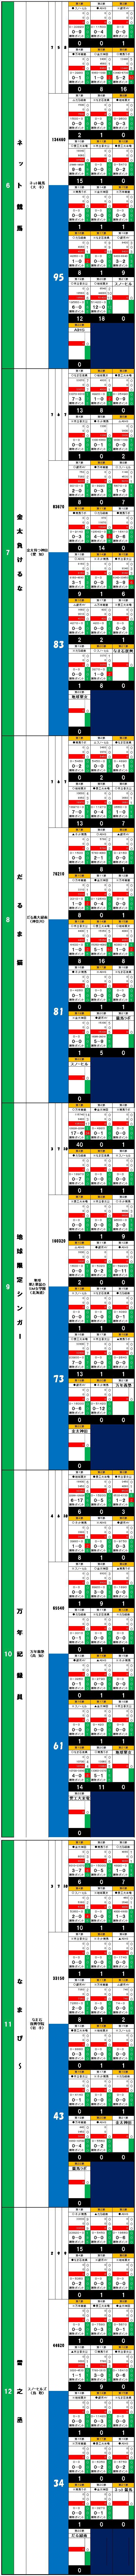 20150329・ダルマンリーグ第20節後半終了個人成績データ②.jpg